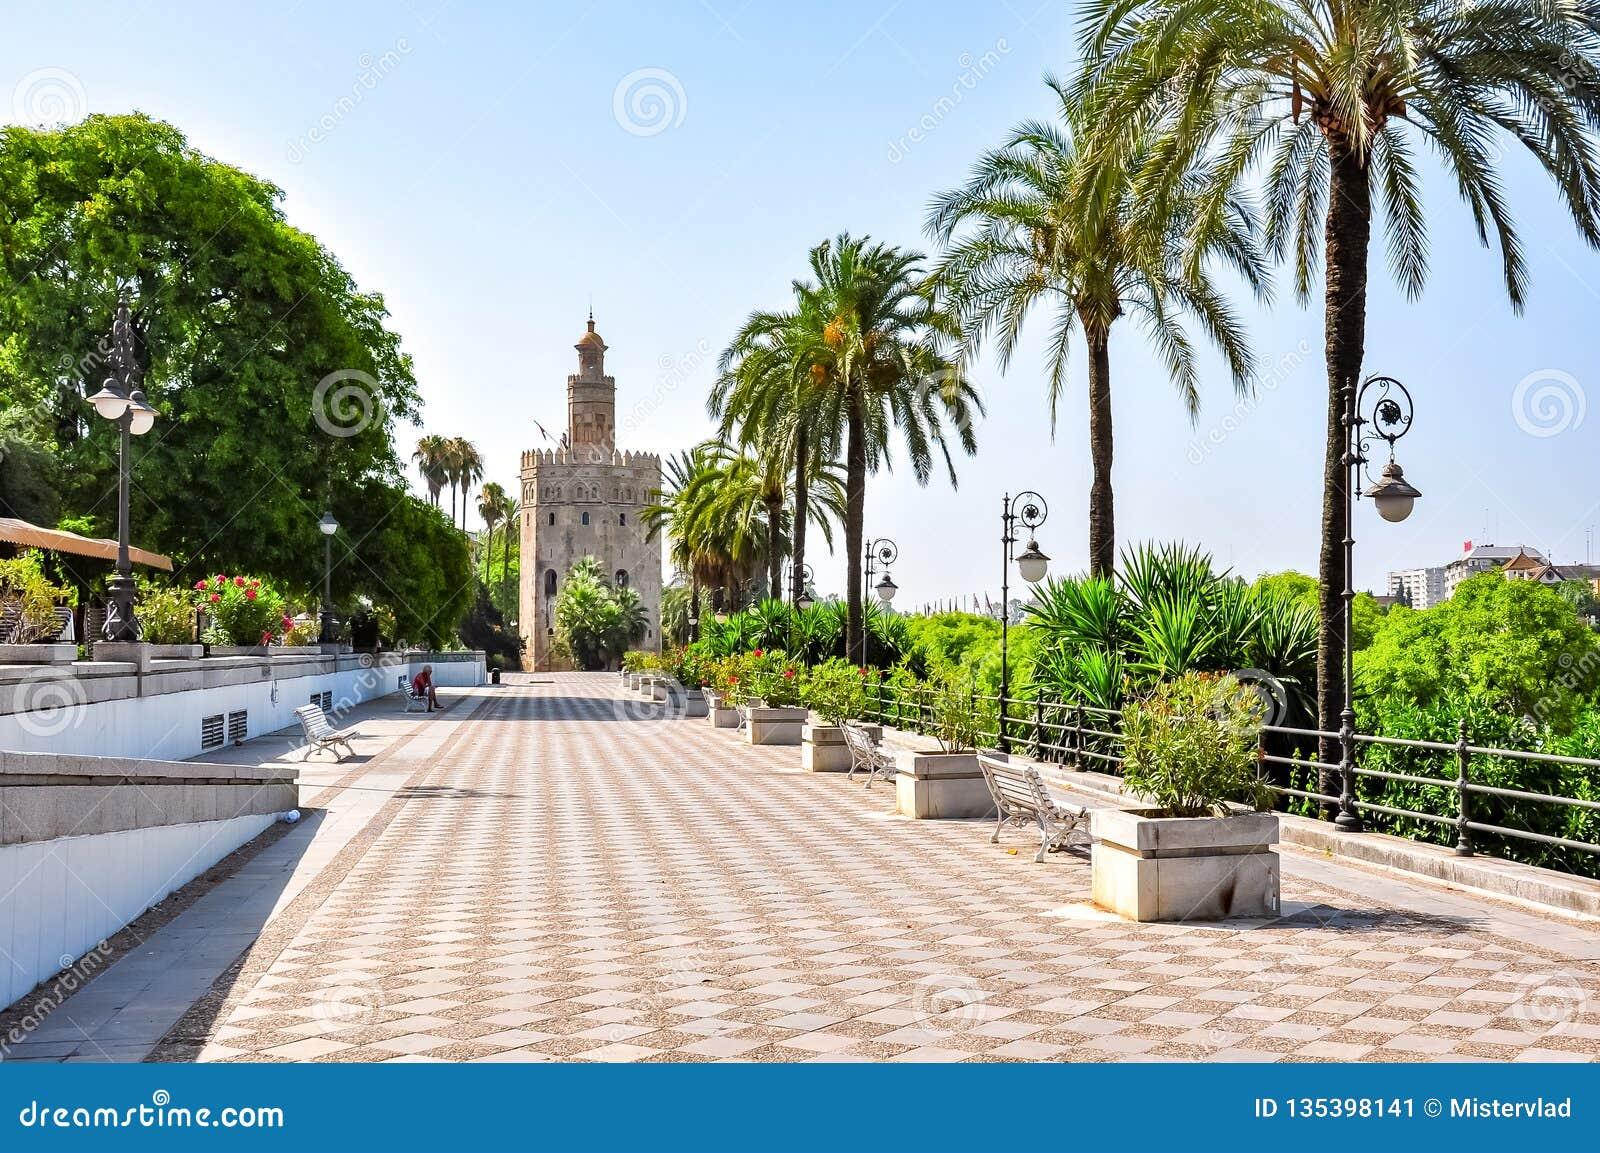 Sevilla embanmkent und Turm von Gold Torre Del Oro, Spanien